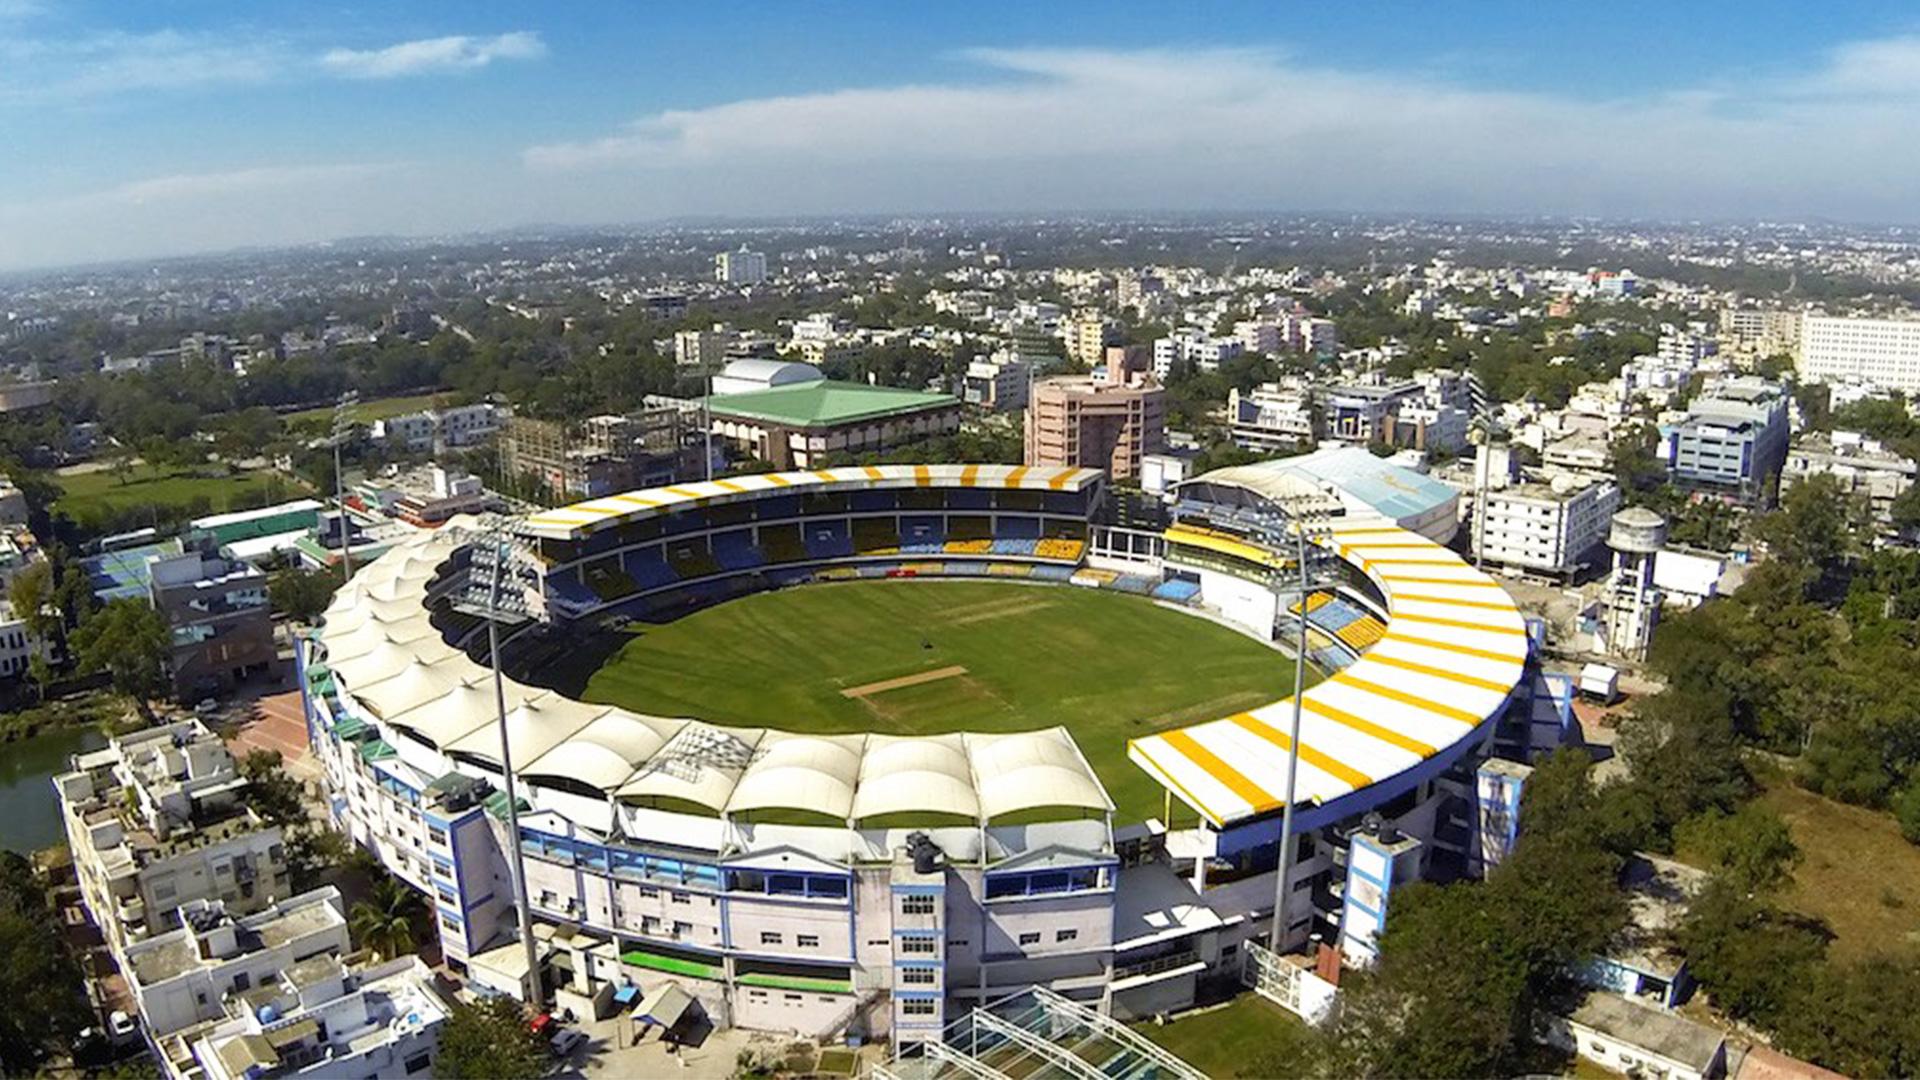 Wankhede Stadium by Shashi Prabhu: The oldest icons of Cricket World - Sheet3